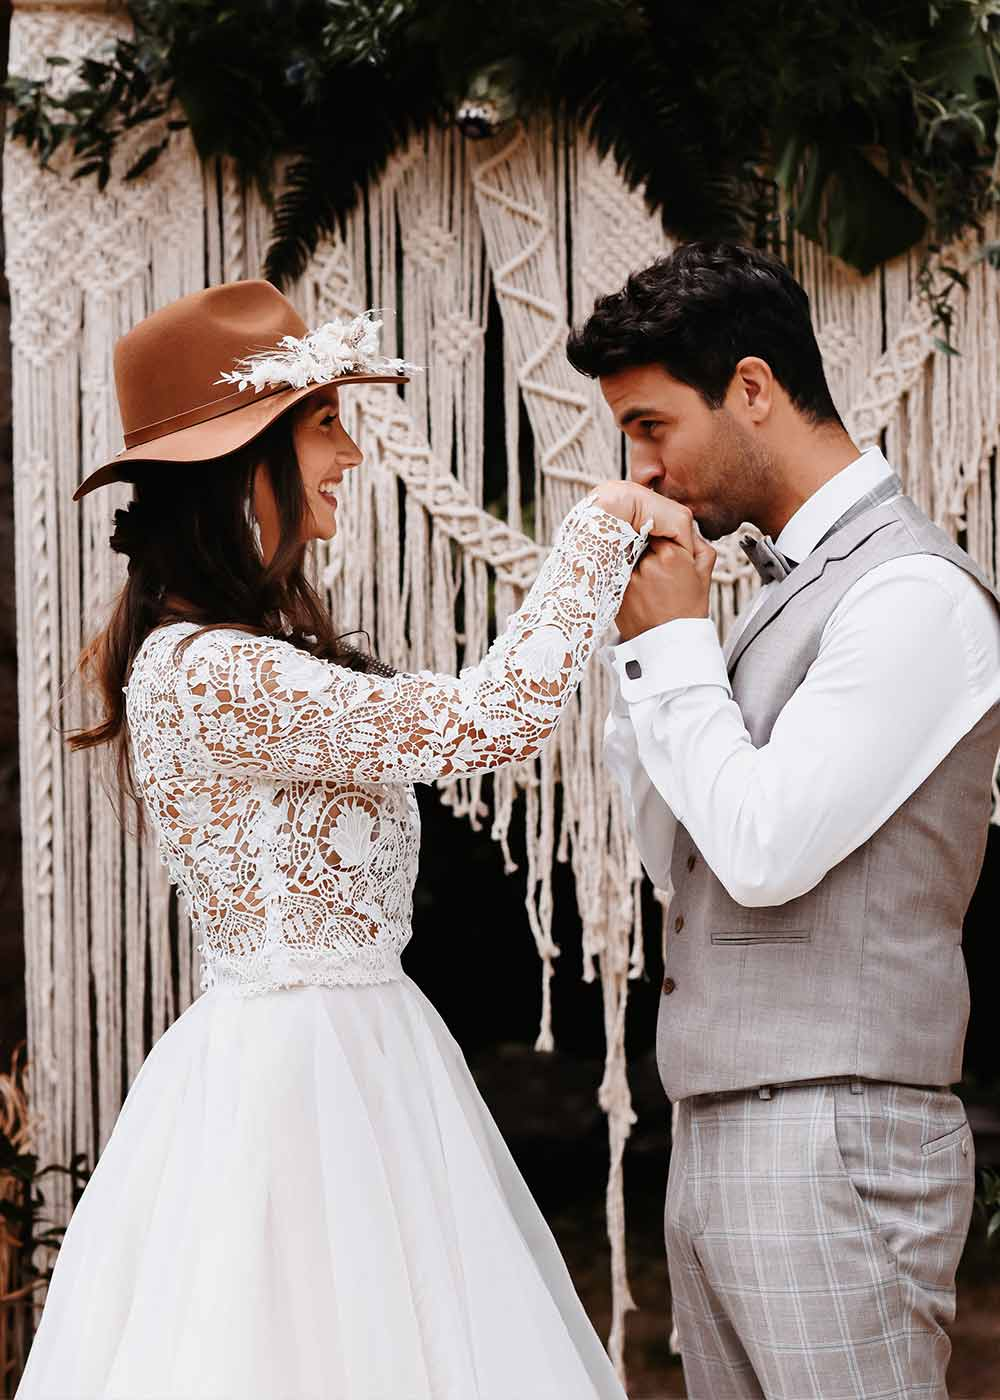 Der Bräutigam küsst sanft die Hand der Braut vor zauberhafter Makramee Deko und Greenery Elementen. Die Braut strahlt in glücklich an und sieht zauberhaft aus in ihrem modernen Hippikleid mit Spitze.